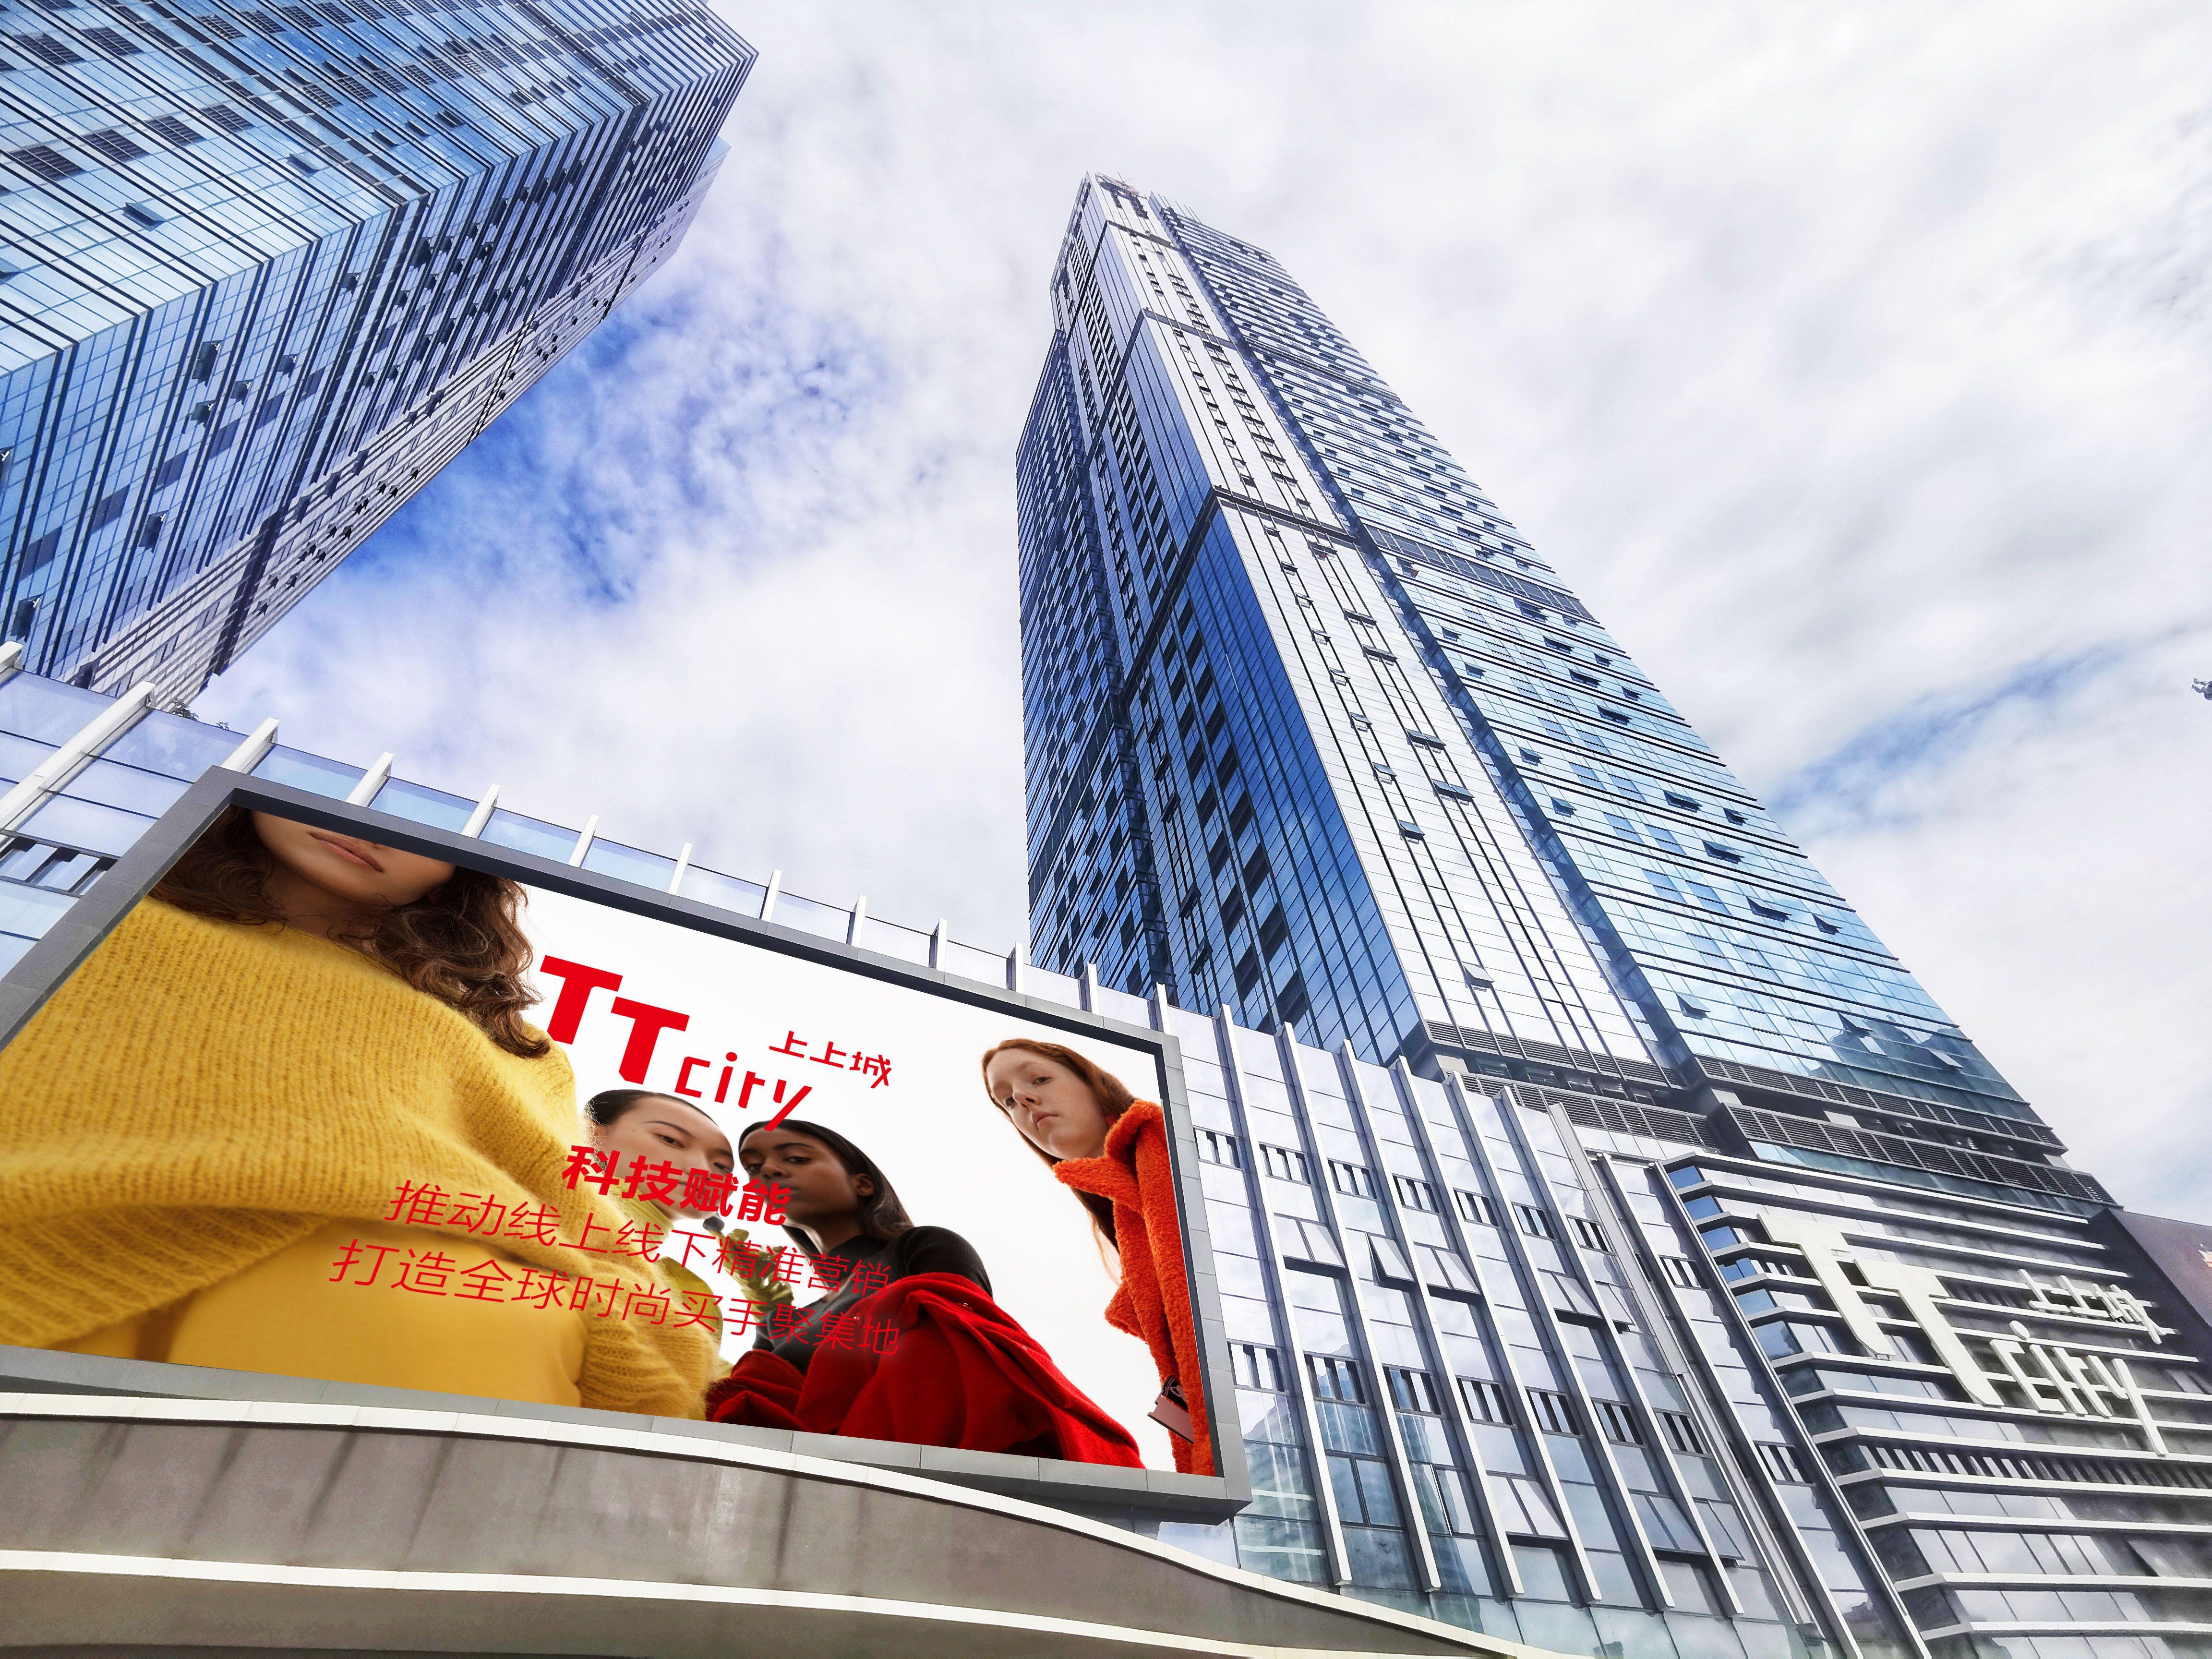 深圳上上城商业管理有限公司